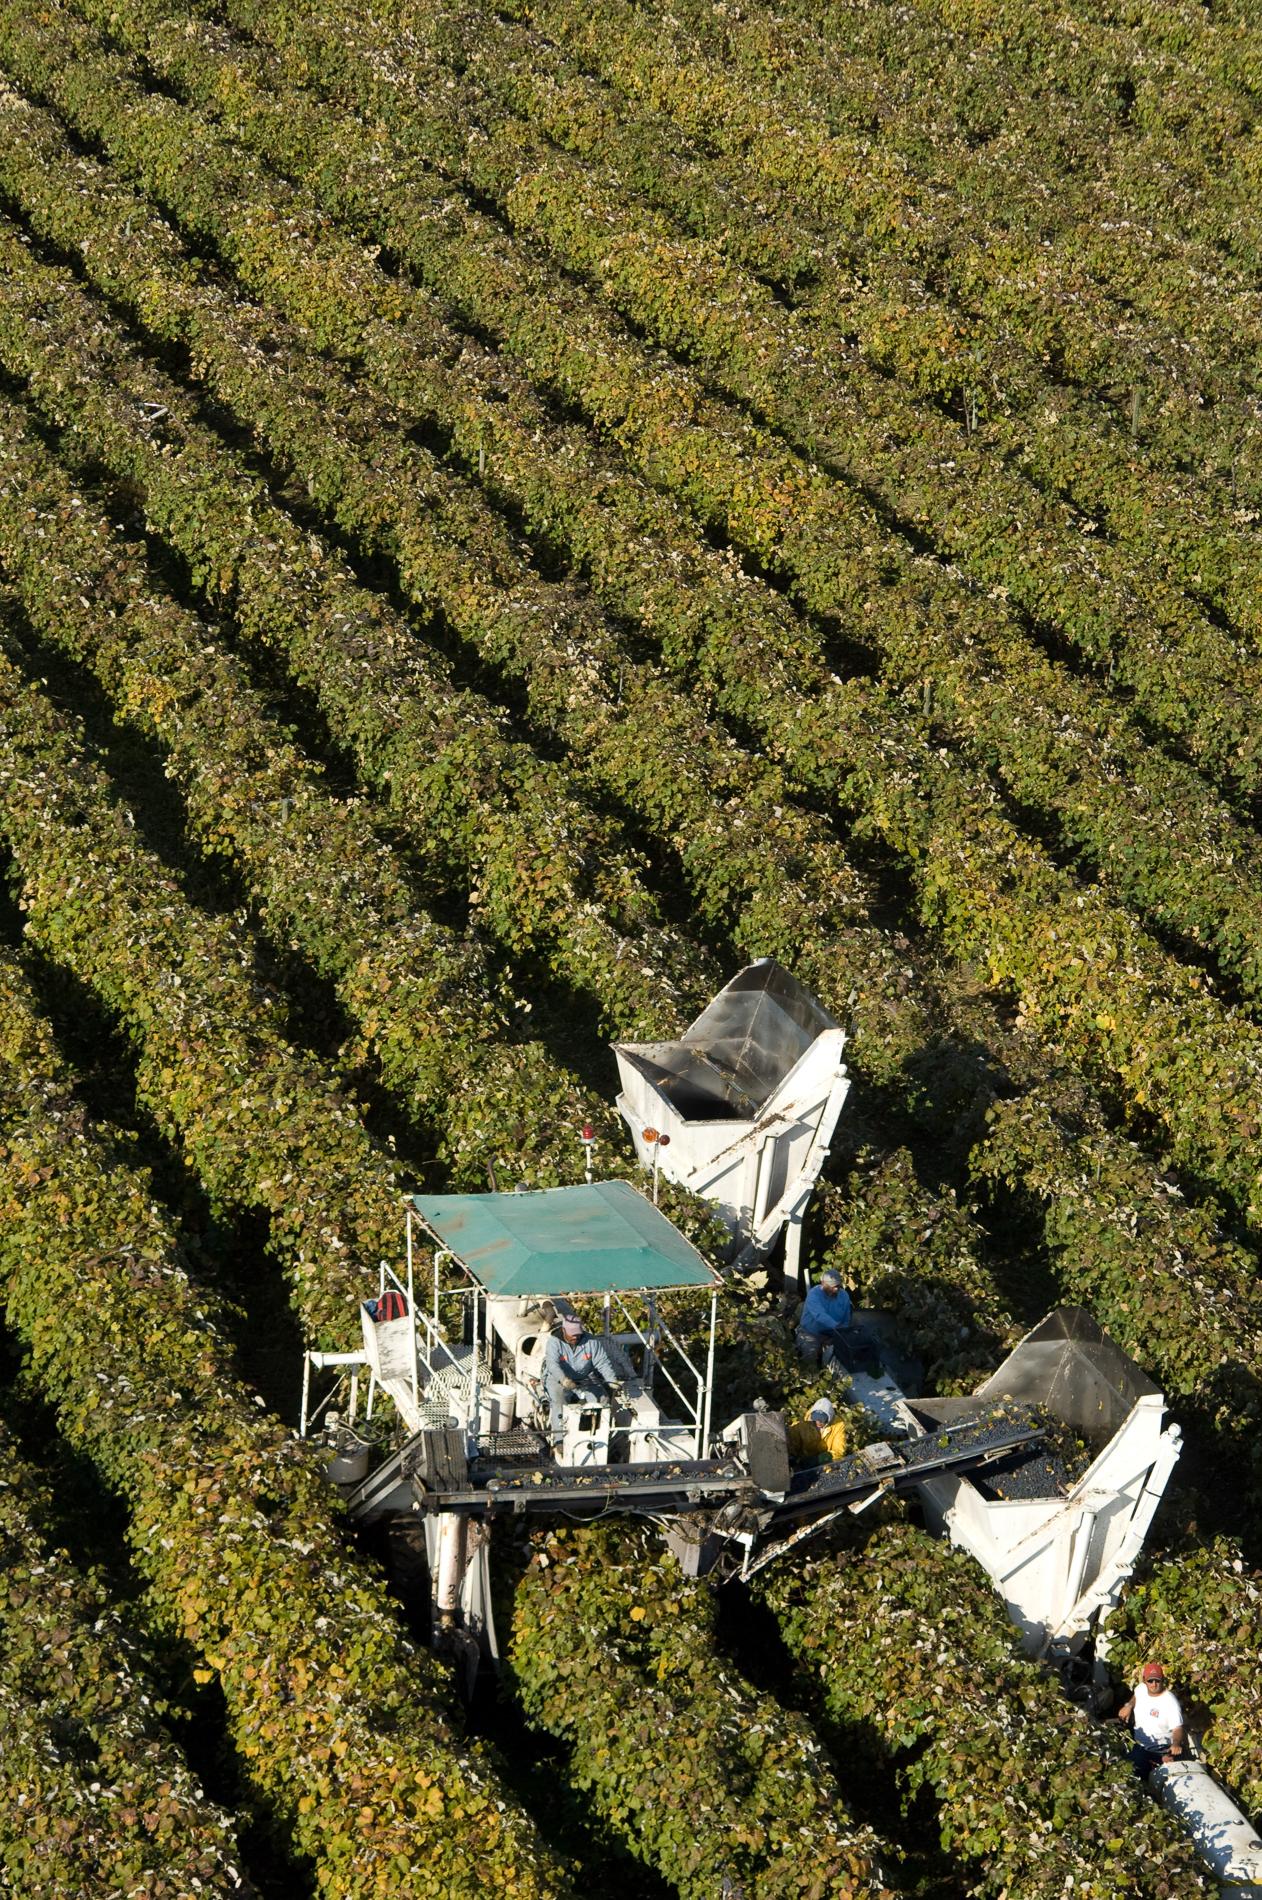 DSC_0336_harvest_aerial